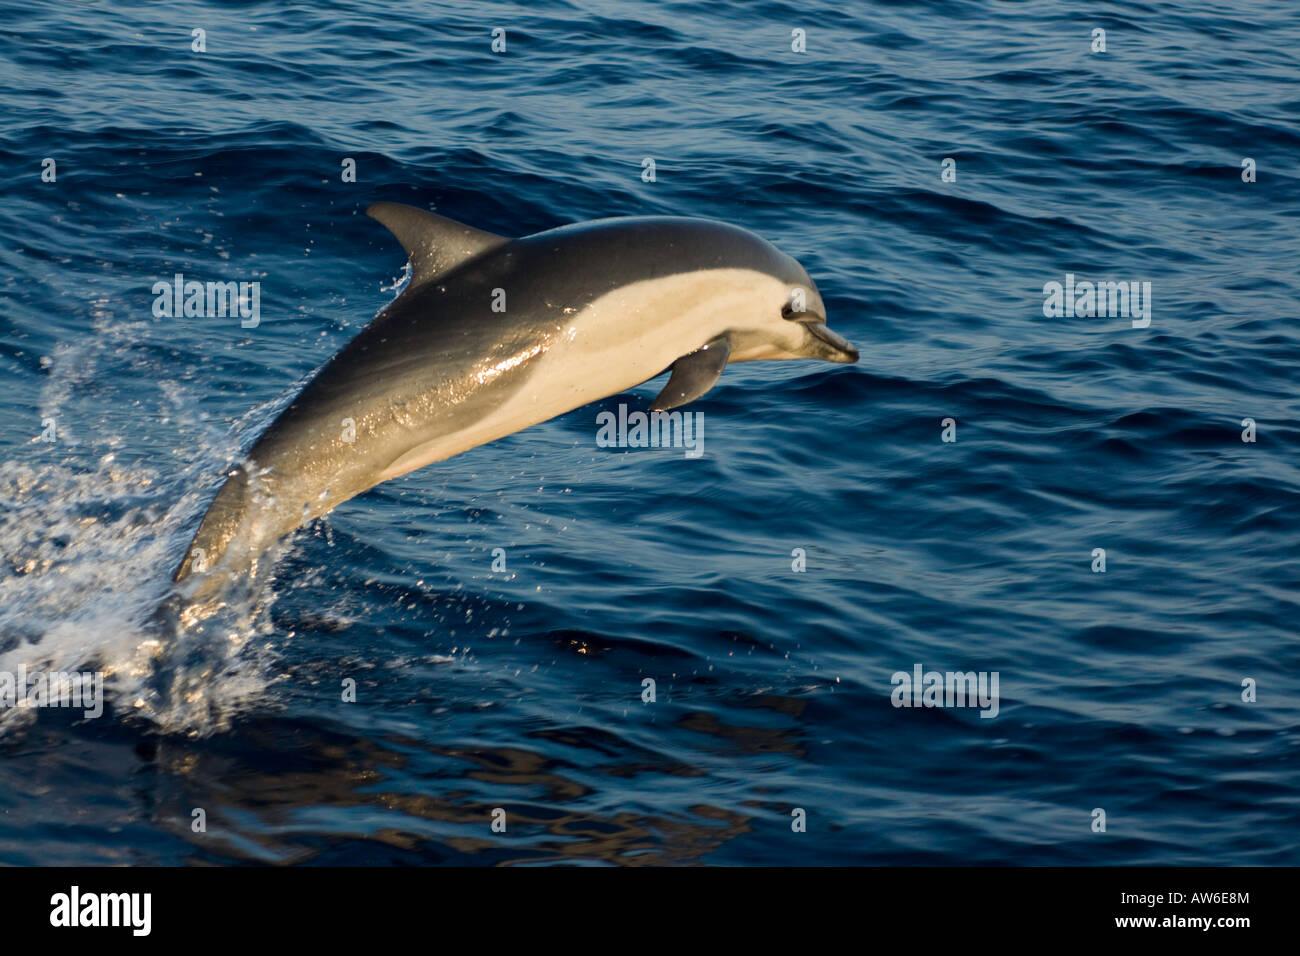 Ce dauphin commun, Delphinus delphis, a été l'un dans une école de plus de 1000 dans le Pacifique au large du Mexique. Banque D'Images